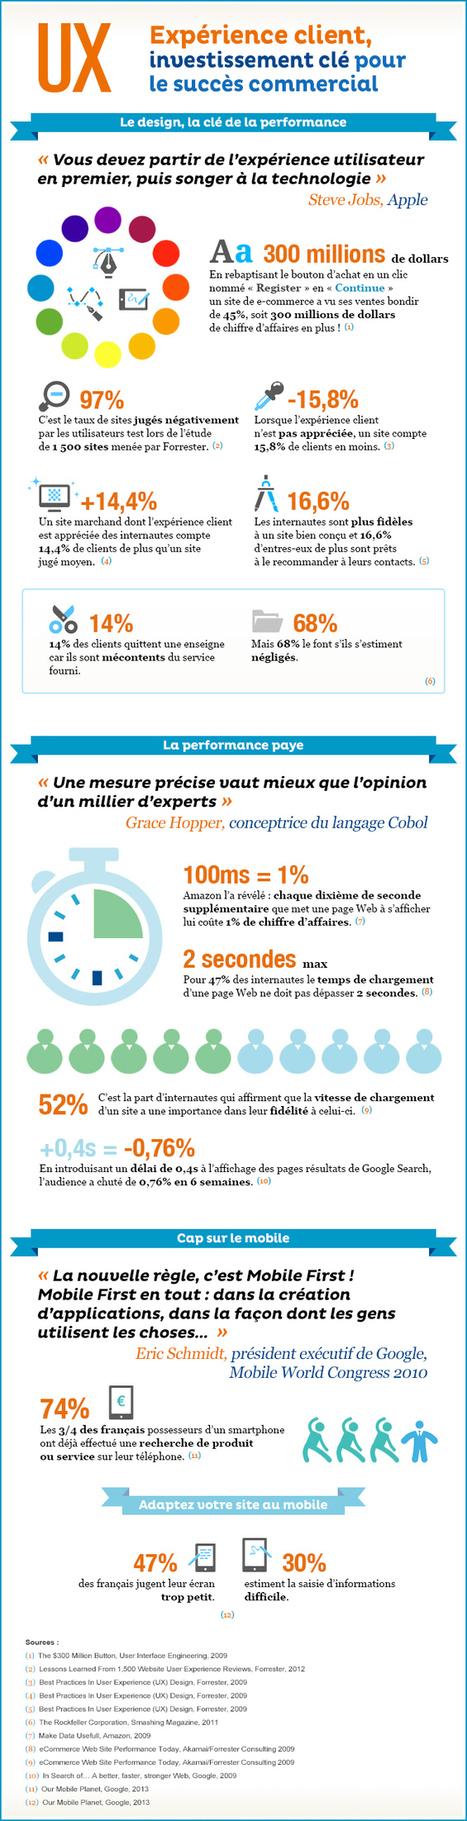 Infographie : expérience client, investissement clé pour le succès commercial | Digital testing | Scoop.it